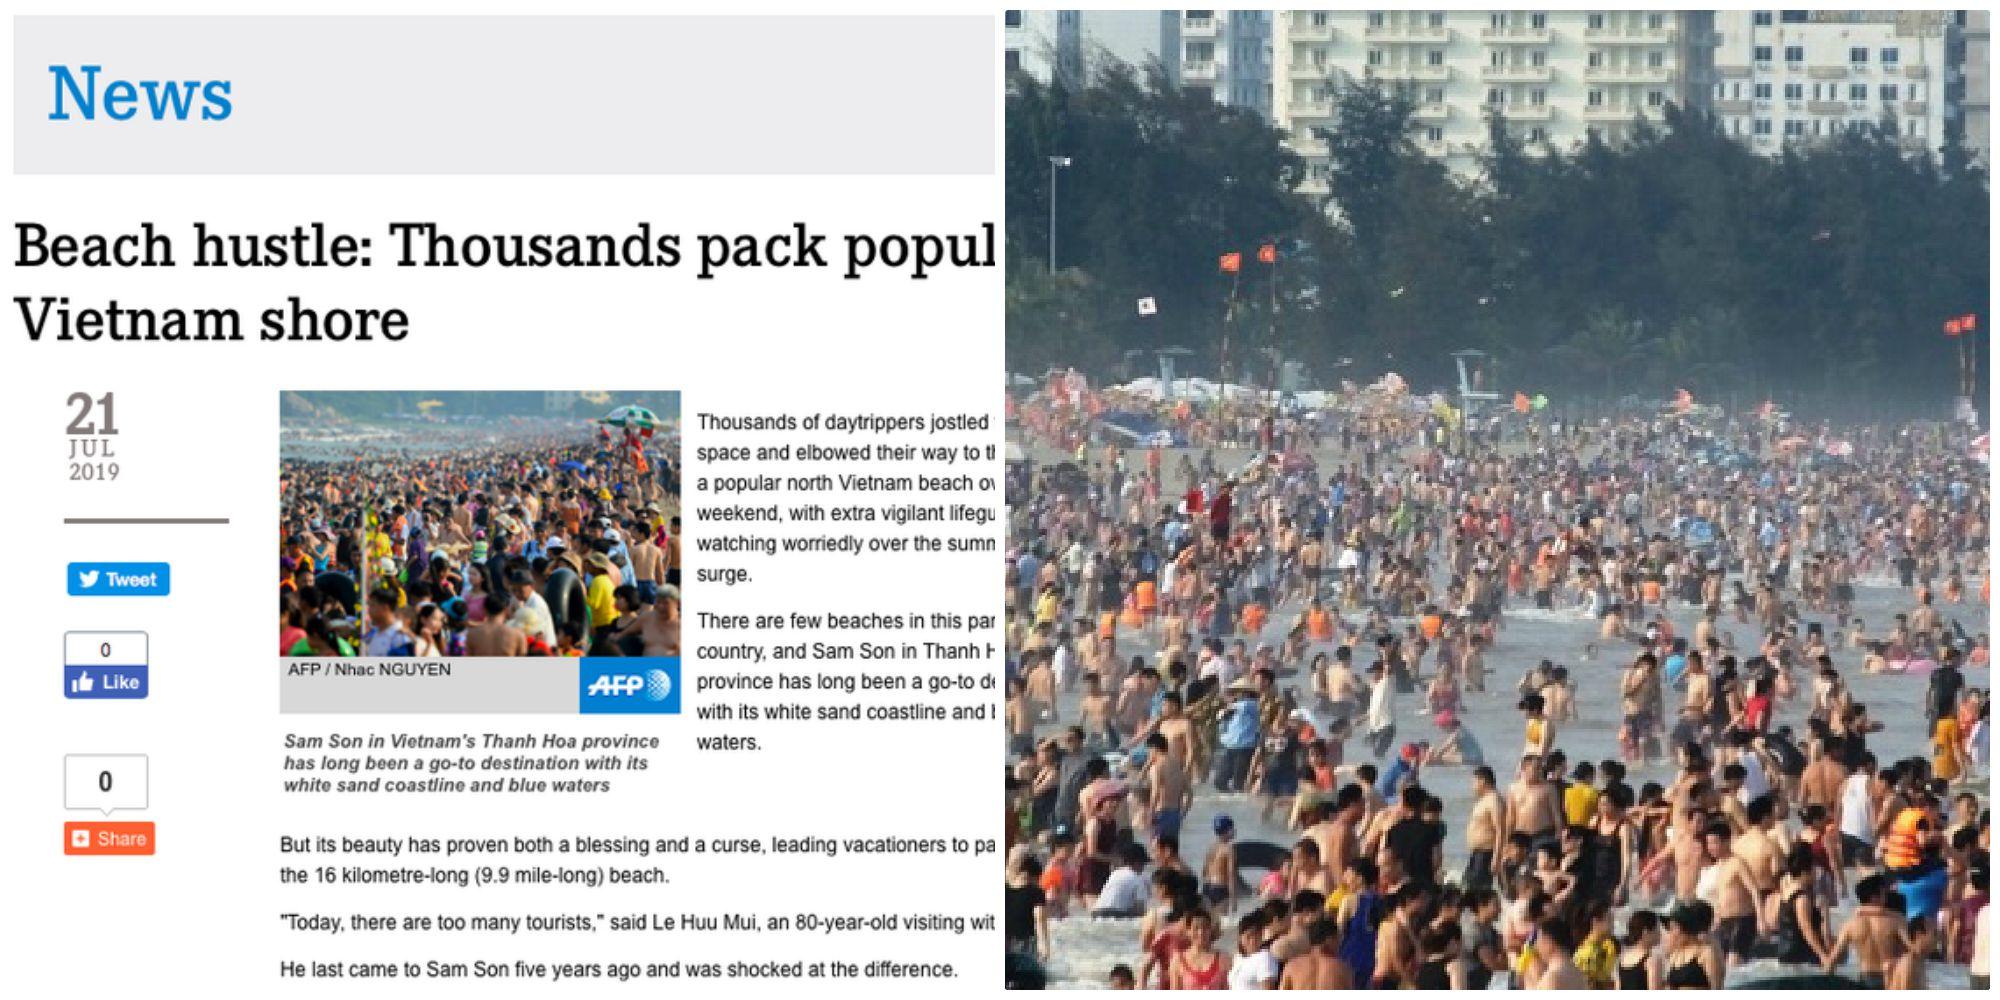 """Hình ảnh """"biển người"""" Sầm Sơn bất ngờ xuất hiện trên trang chủ hãng thông tấn Pháp (AFP)"""